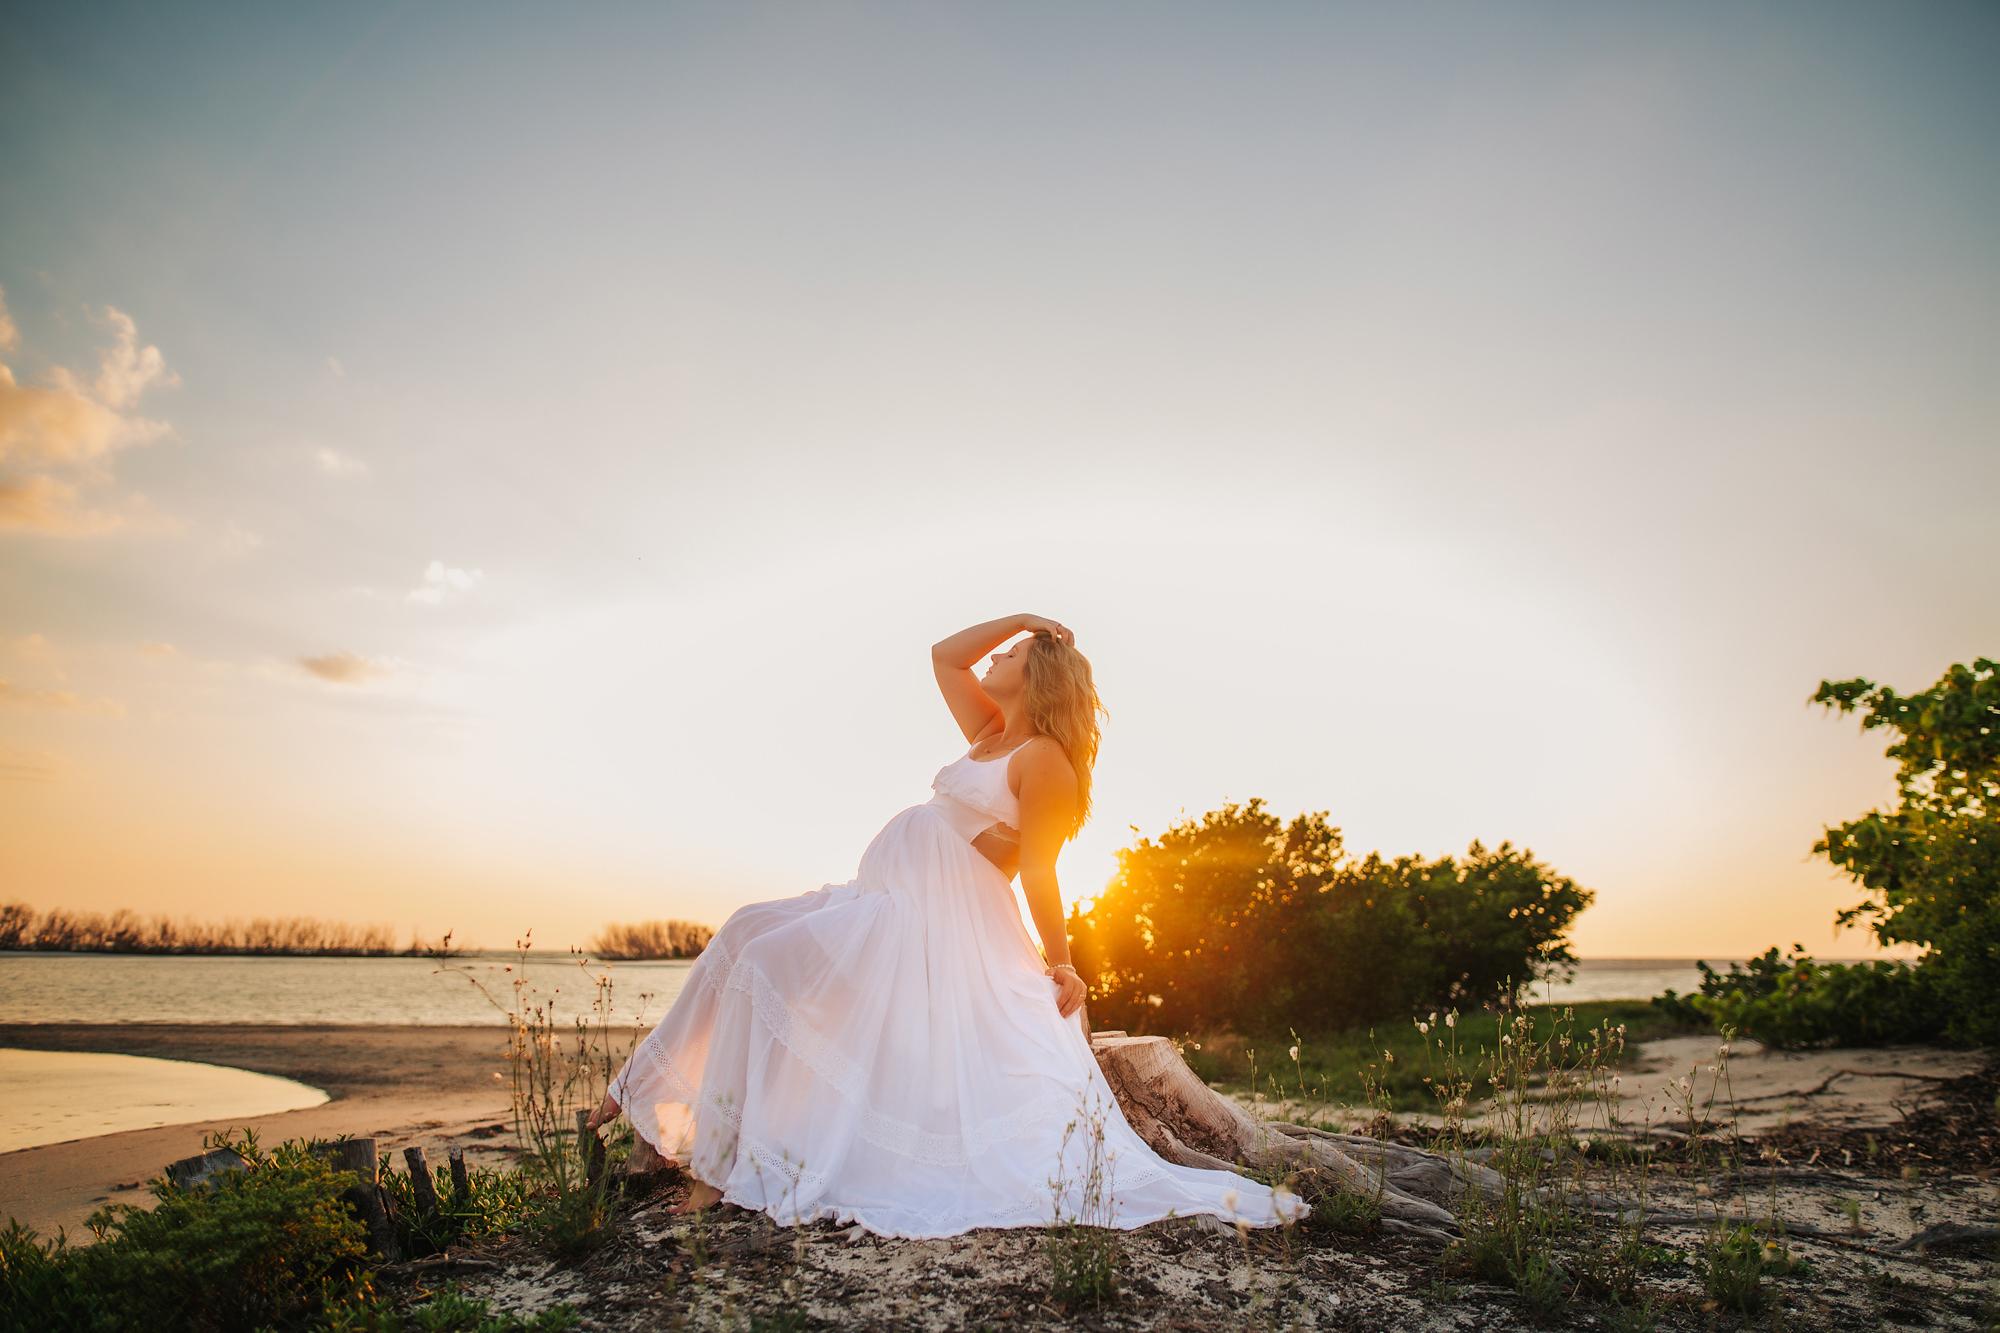 sunset beach maternity photo shoot, saint petersburg baby photographer